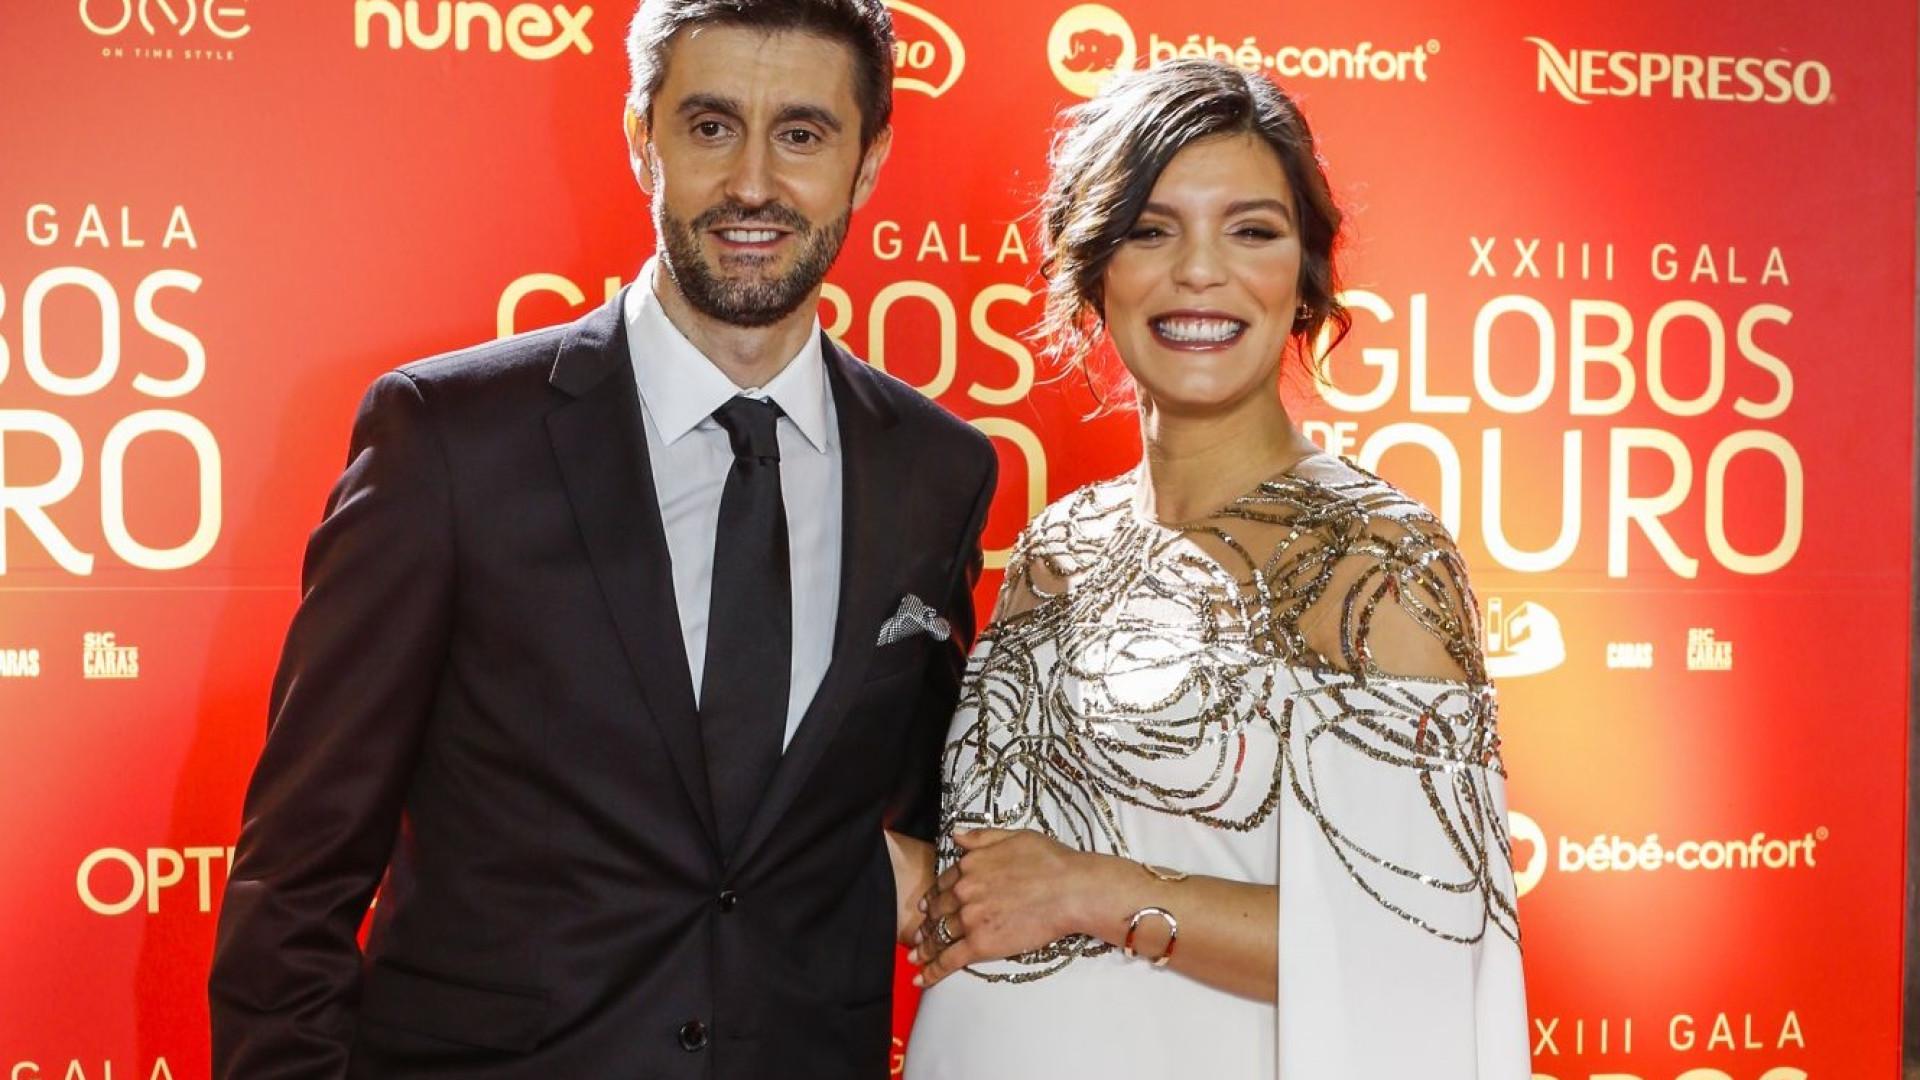 Andreia e Daniel revelam novos pormenores sobre o nascimento da filha